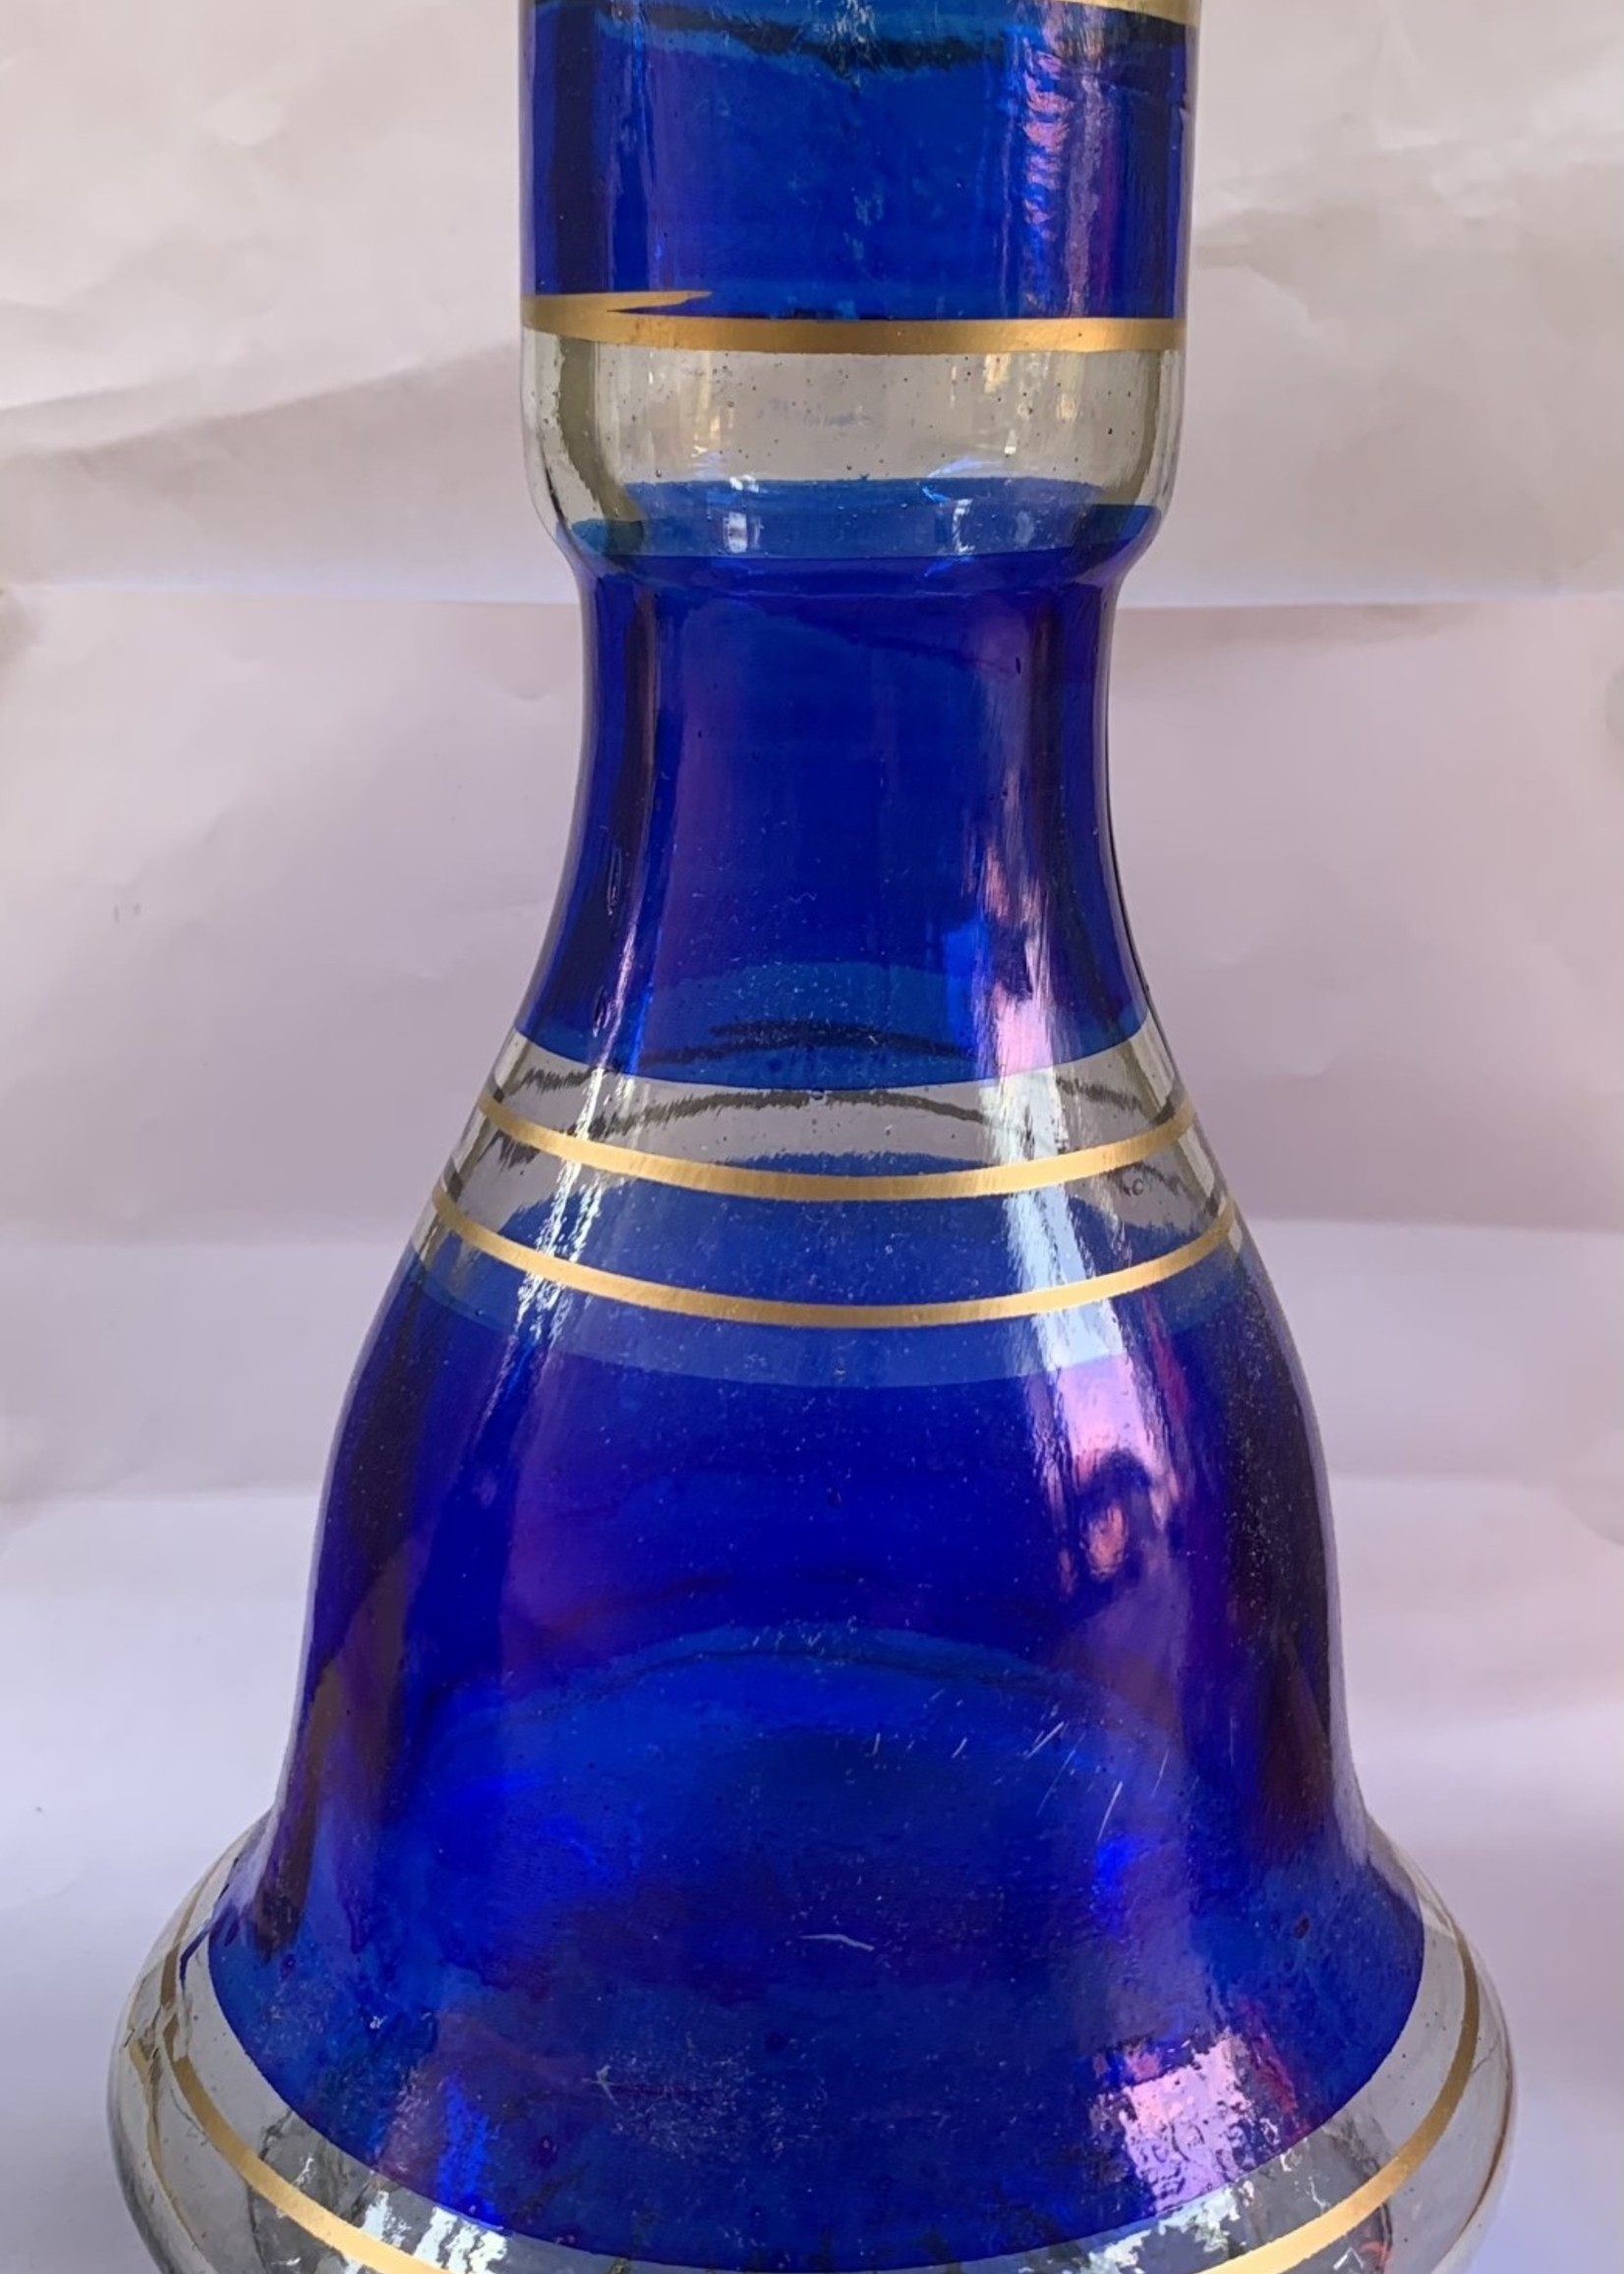 Base - Medium dark blue